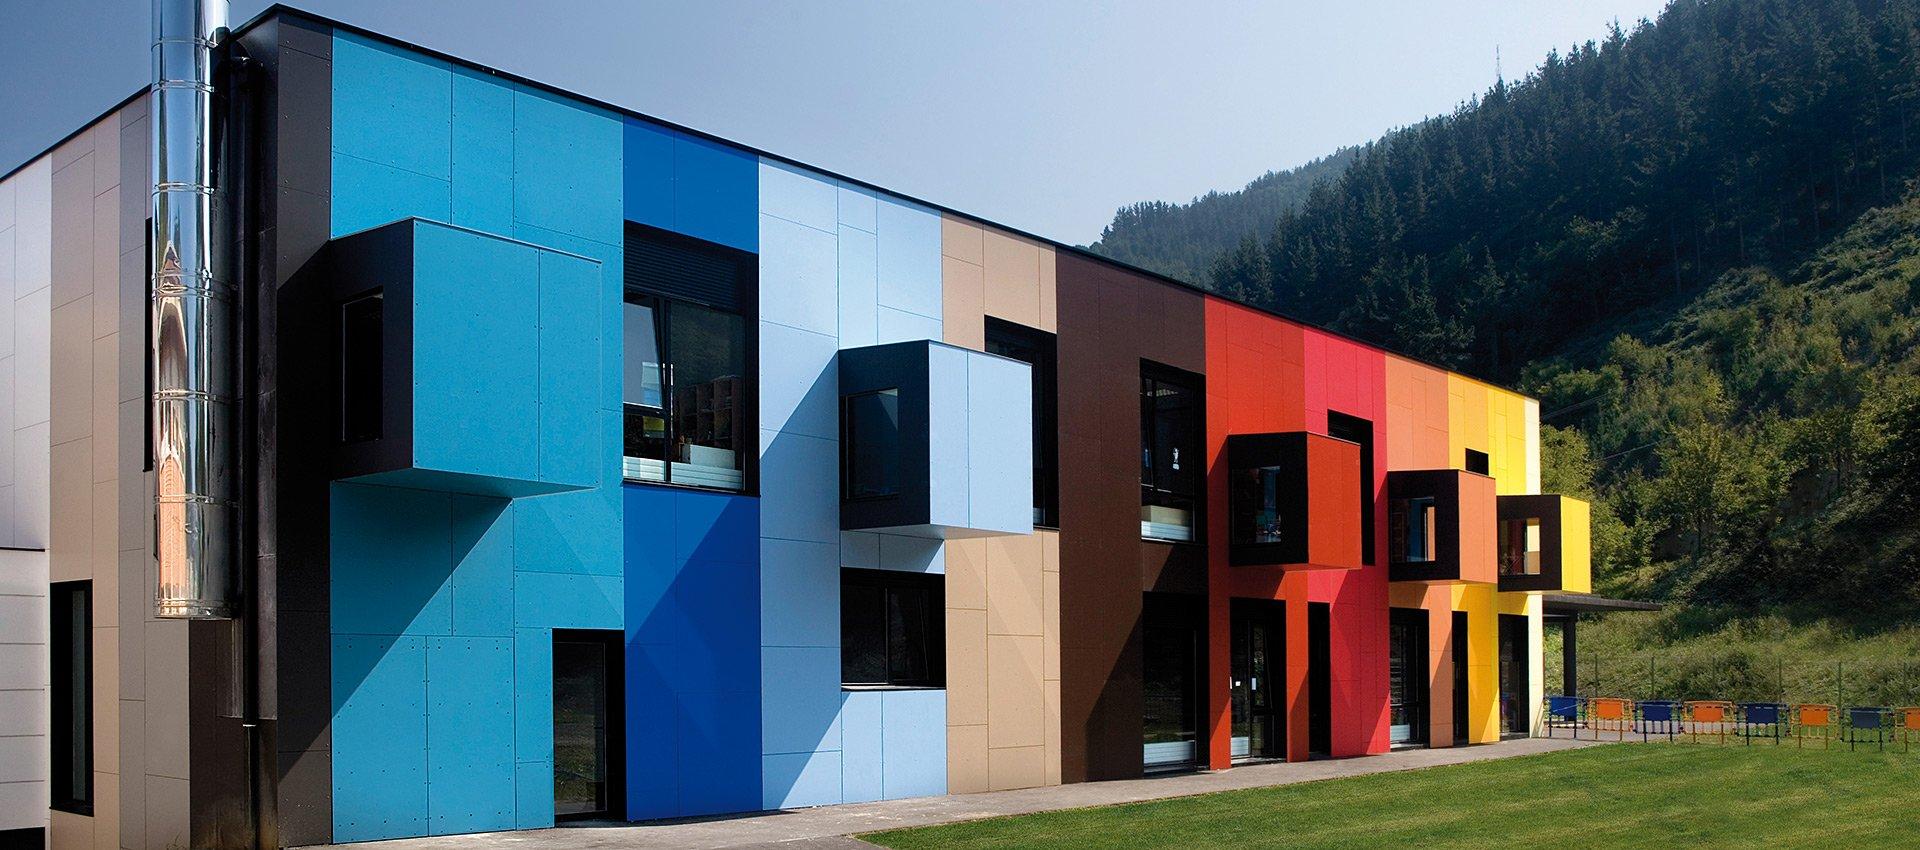 High Pressure Laminate - Formica | Husk Architectural